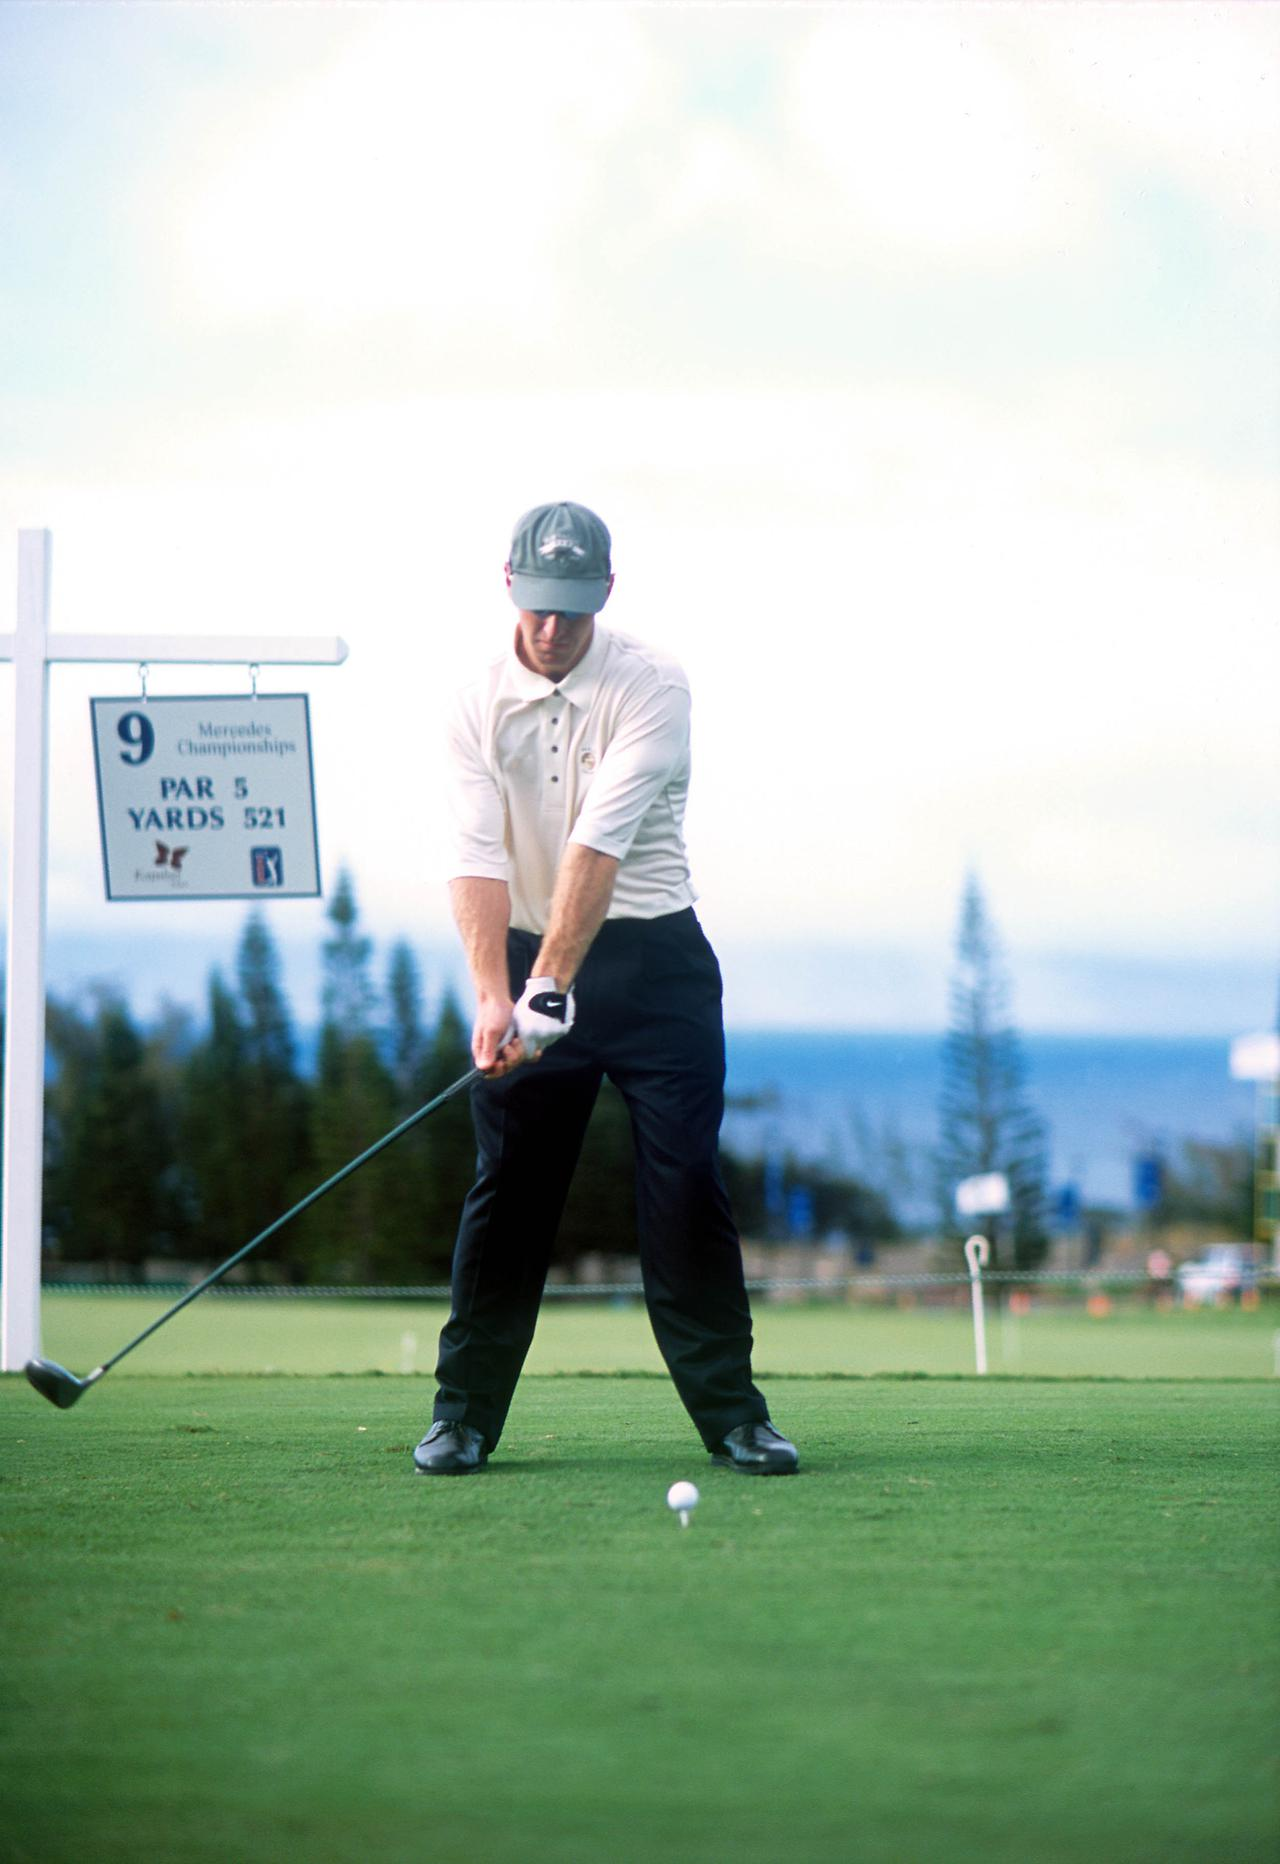 Images : 2番目の画像 - デビッド・デュバル ドライバー正面連続写真 - みんなのゴルフダイジェスト